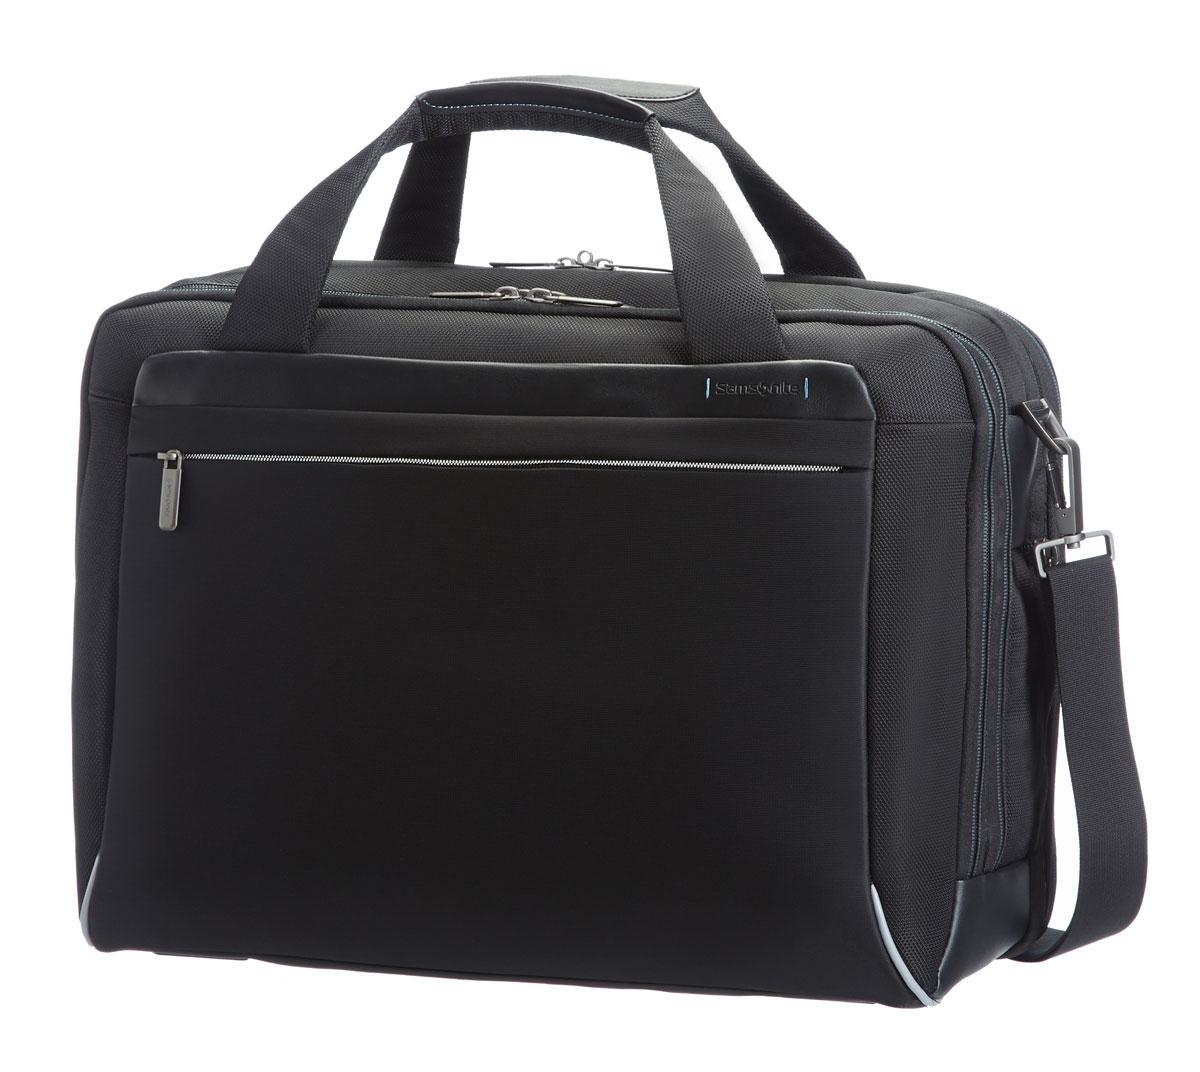 Сумка для ноутбука Samsonite, цвет: черный, 29 л. 80U*0900680U*09006